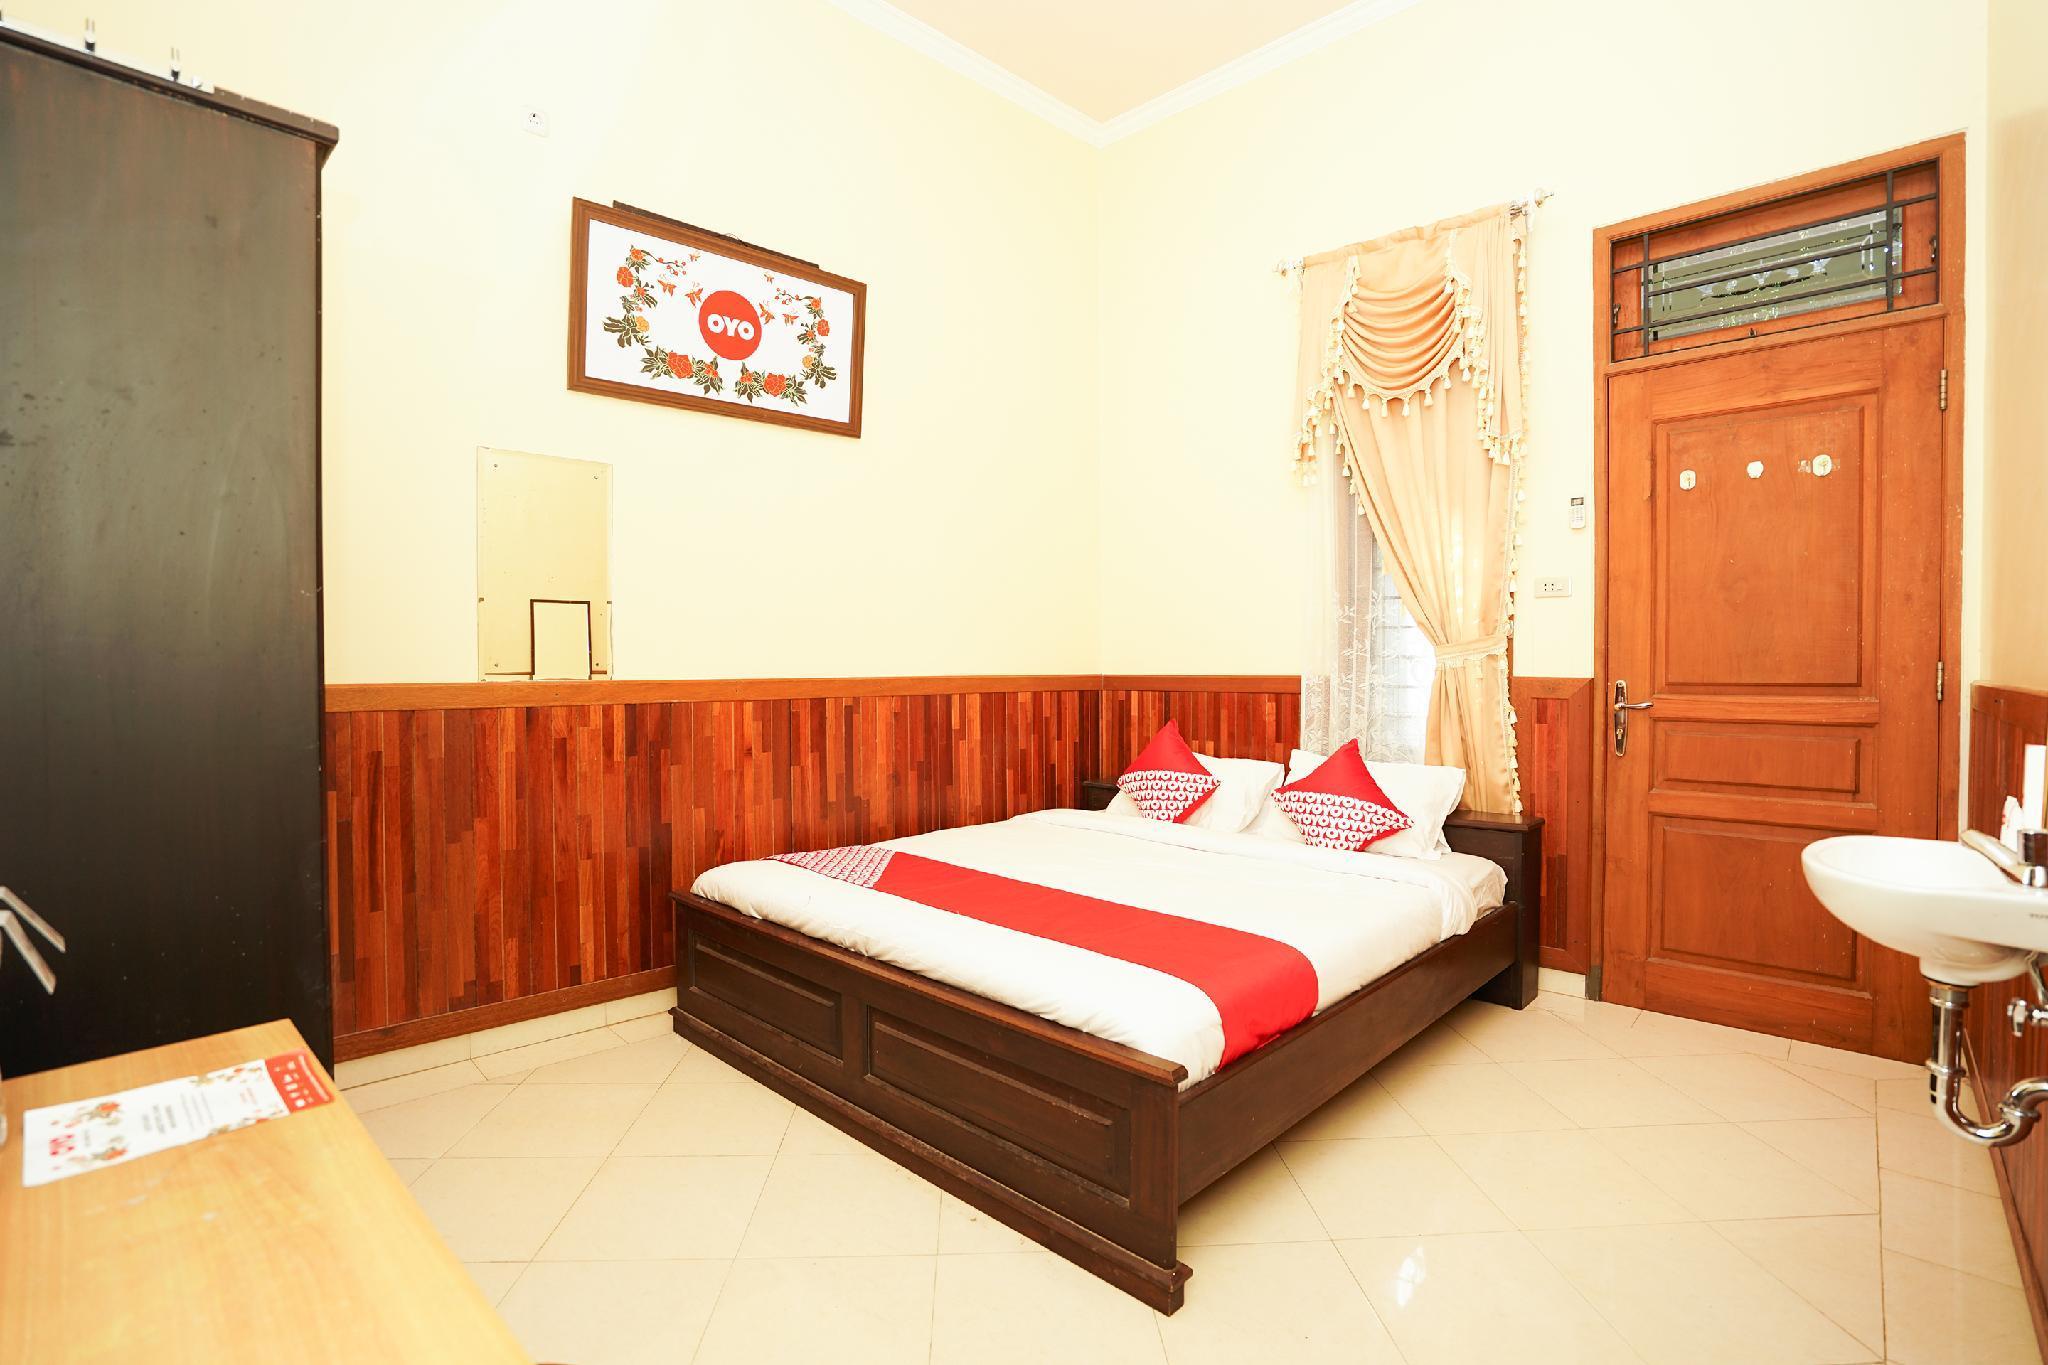 OYO 771 Kembang Kuning Residence Syariah